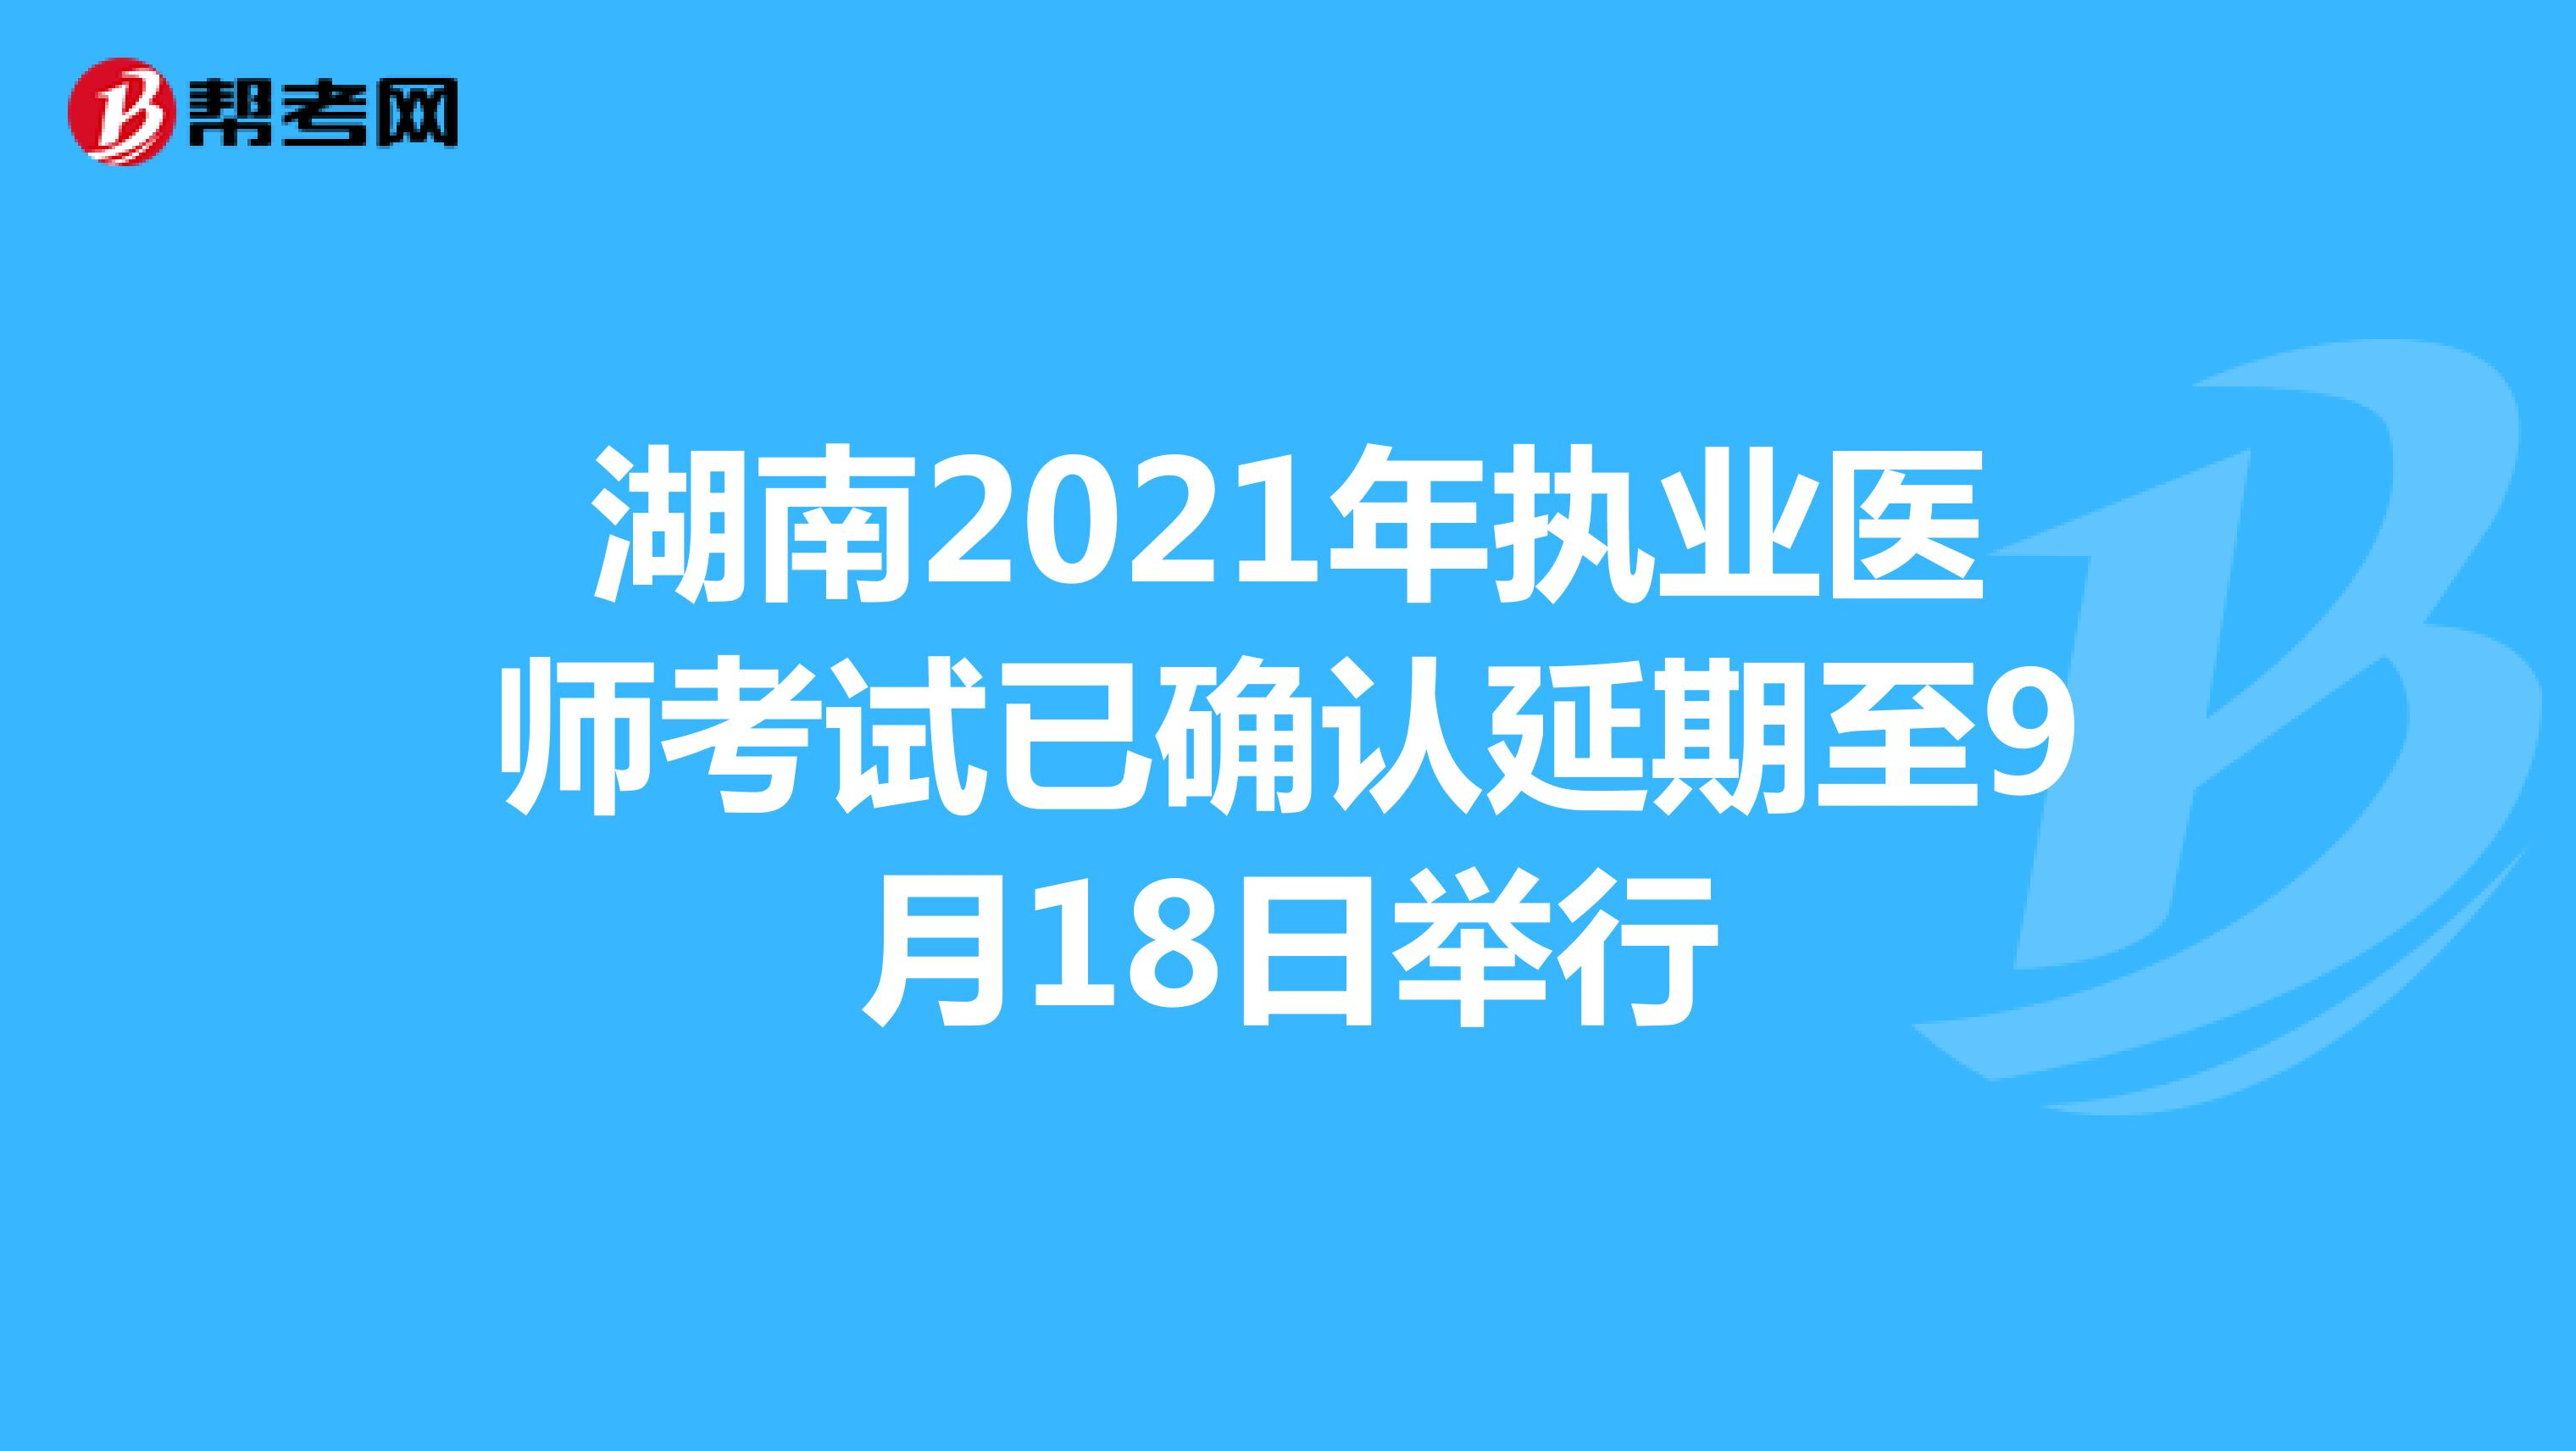 湖南2021年执业医师考试已确认延期至9月18日举行